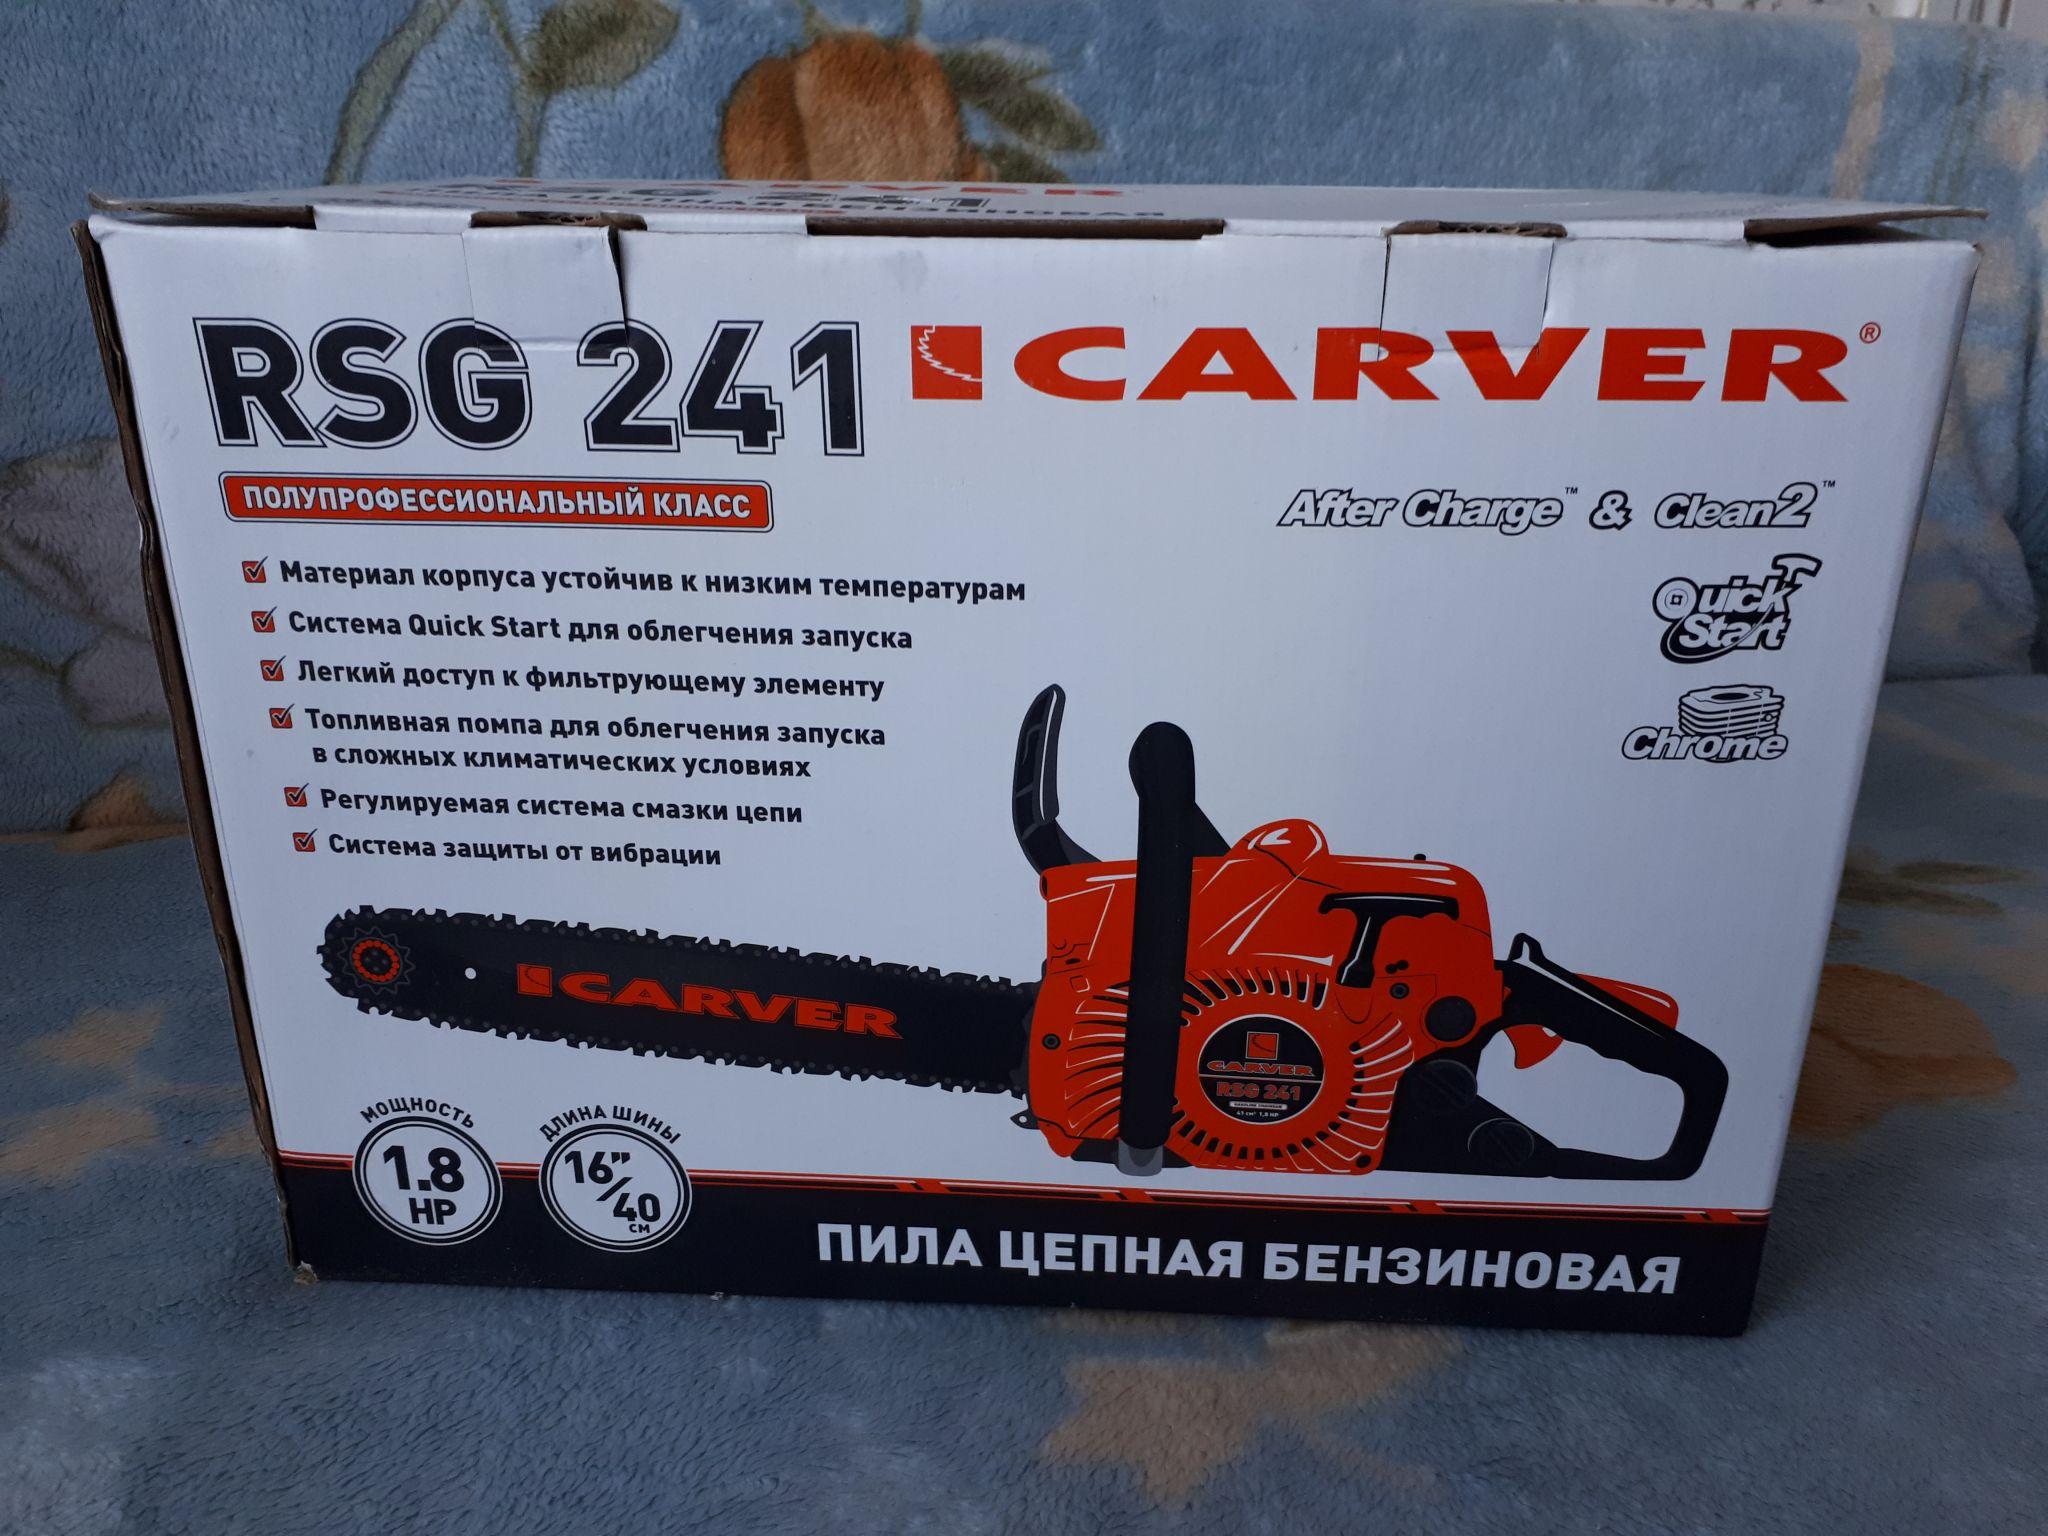 Обзор бензопилы carver rsg-38-16k